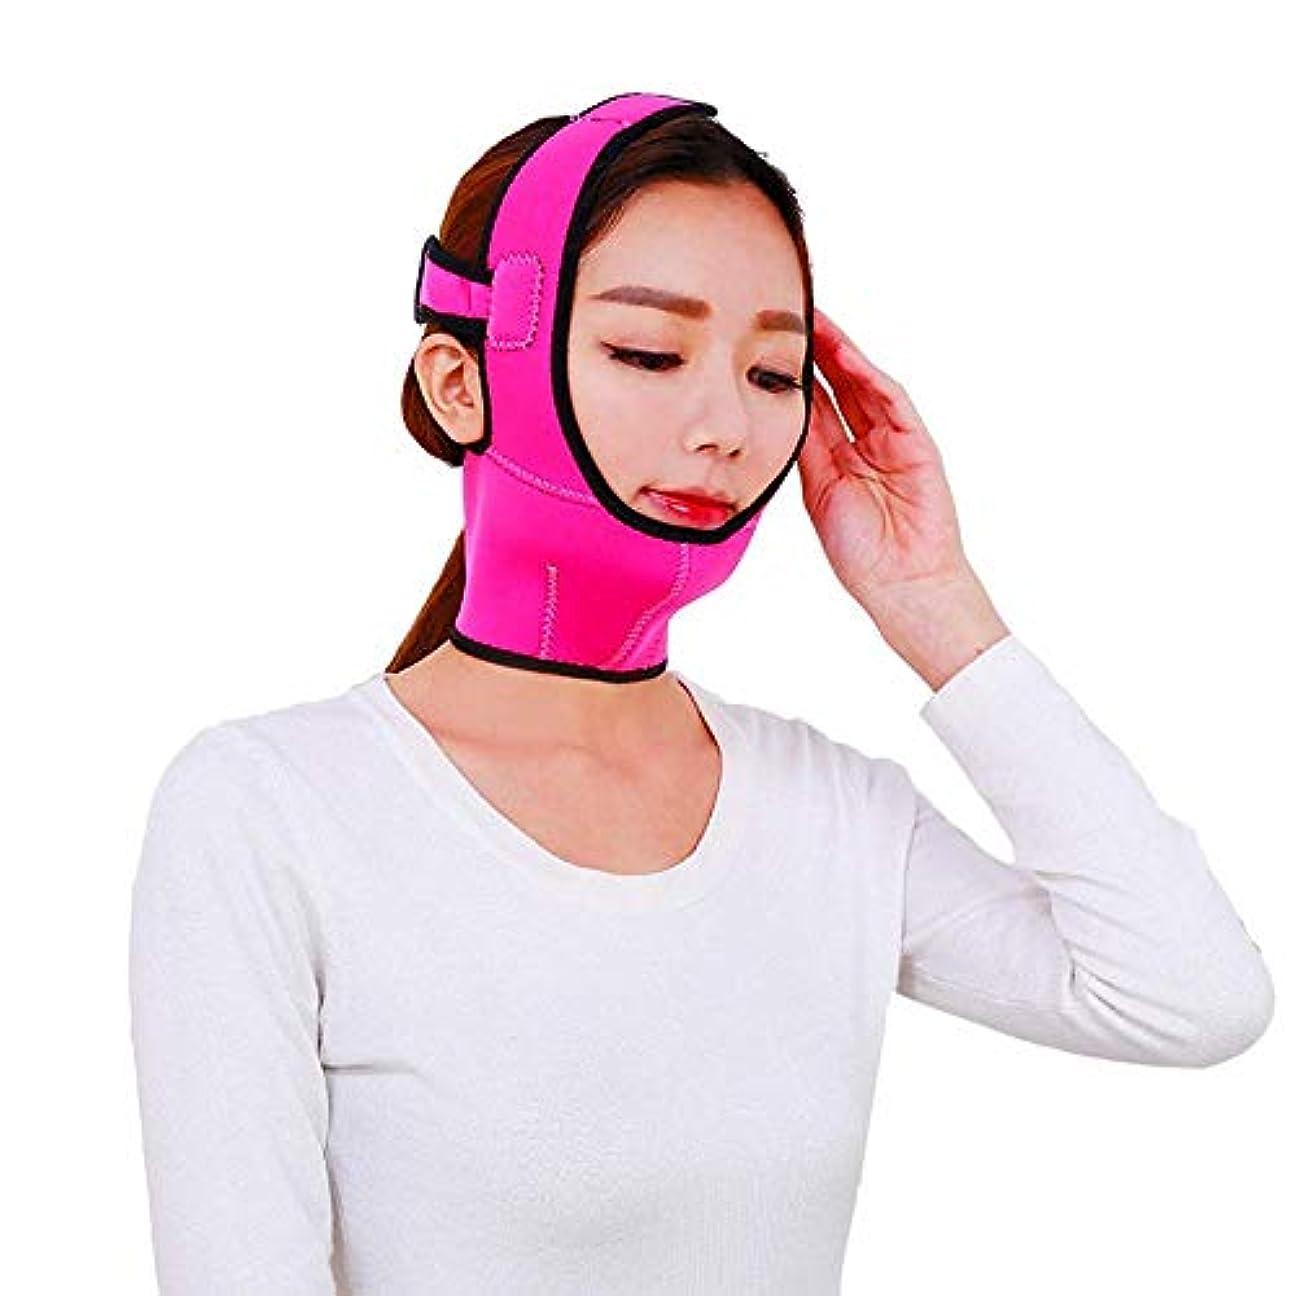 影のある短くするシート二重あごの顔の持ち上がるマスクVfaceの顔の小さい顔の持ち上がる用具をきつく締める通気性の顔の持ち上がる包帯